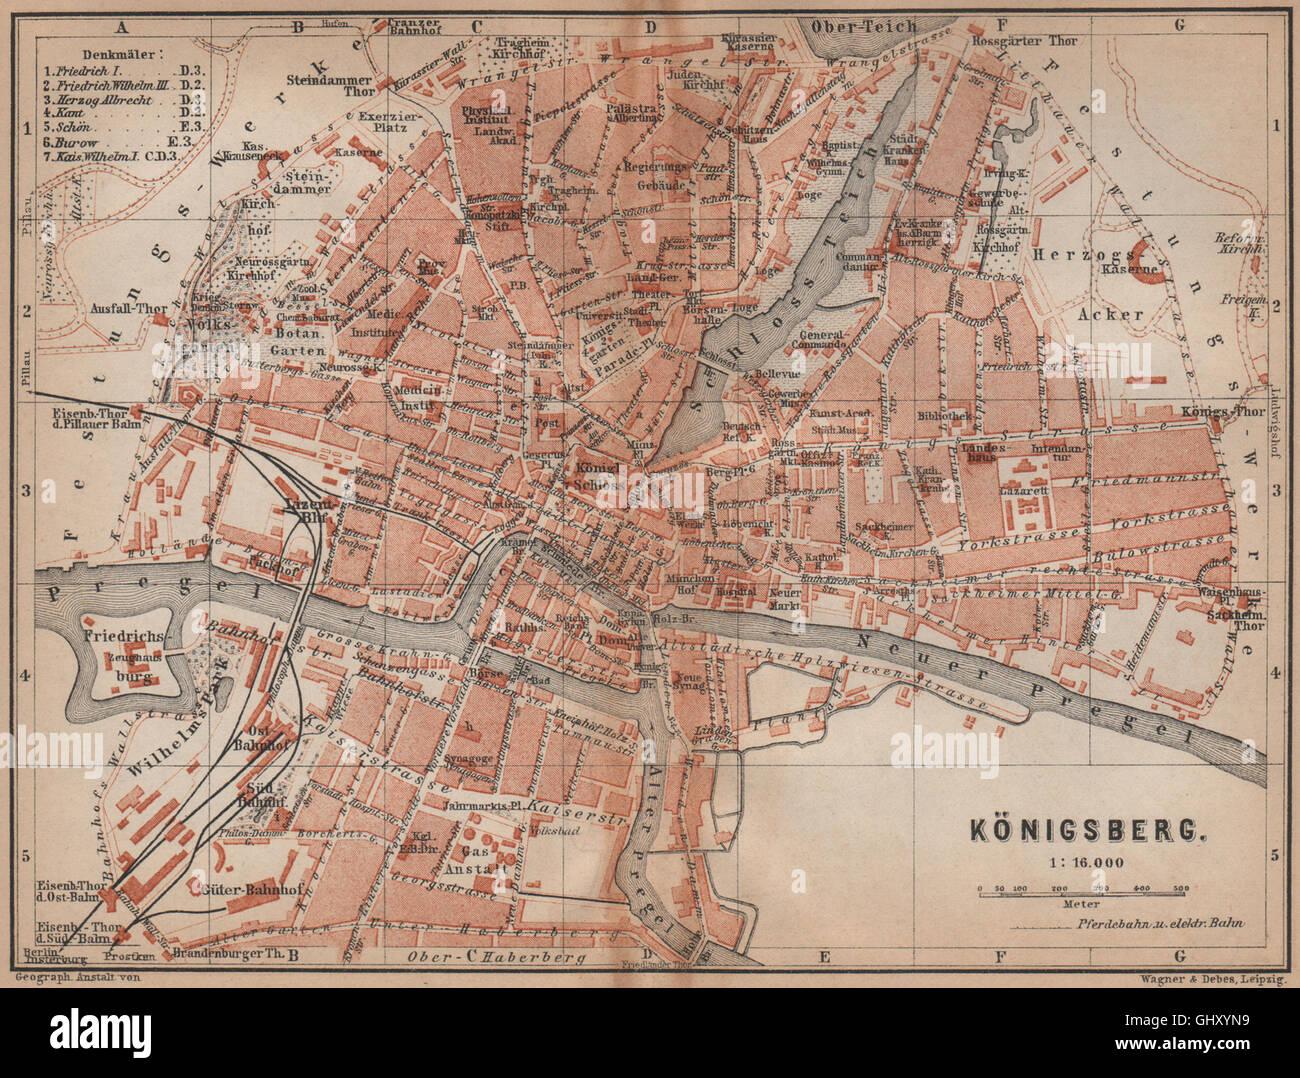 Königsberg Kaliningrad Karte.Königsberg Kaliningrad Stadt Stadt Attraktivem калининград